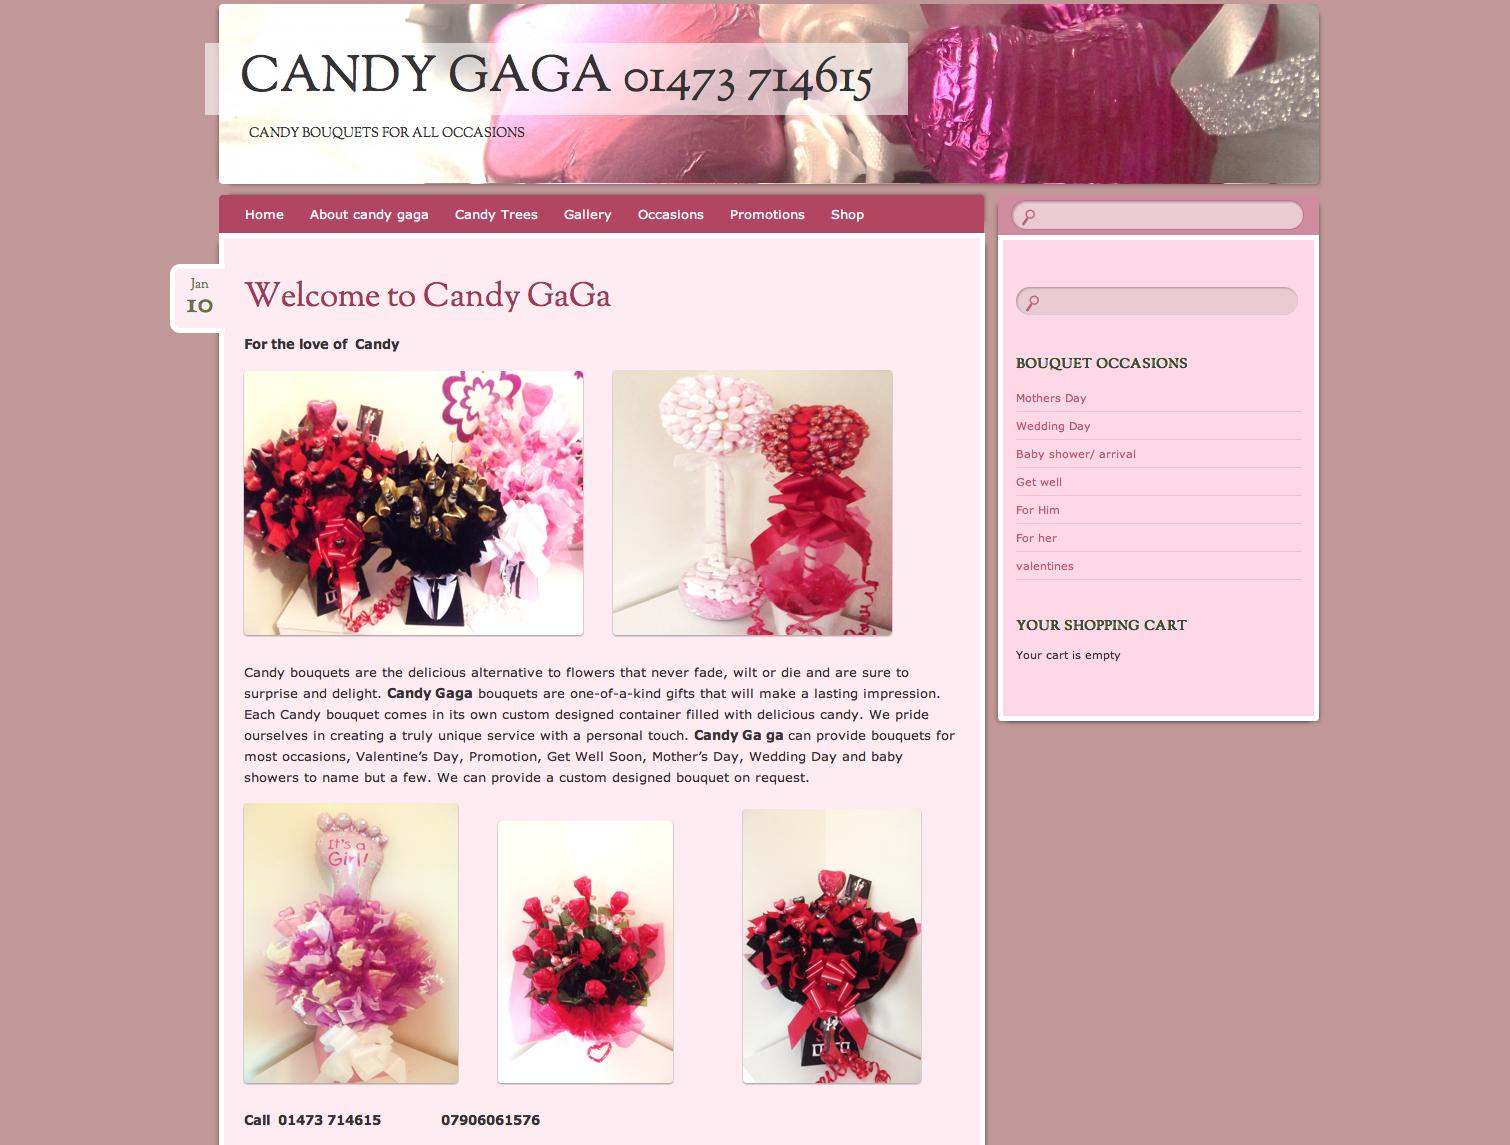 Candy GaGa